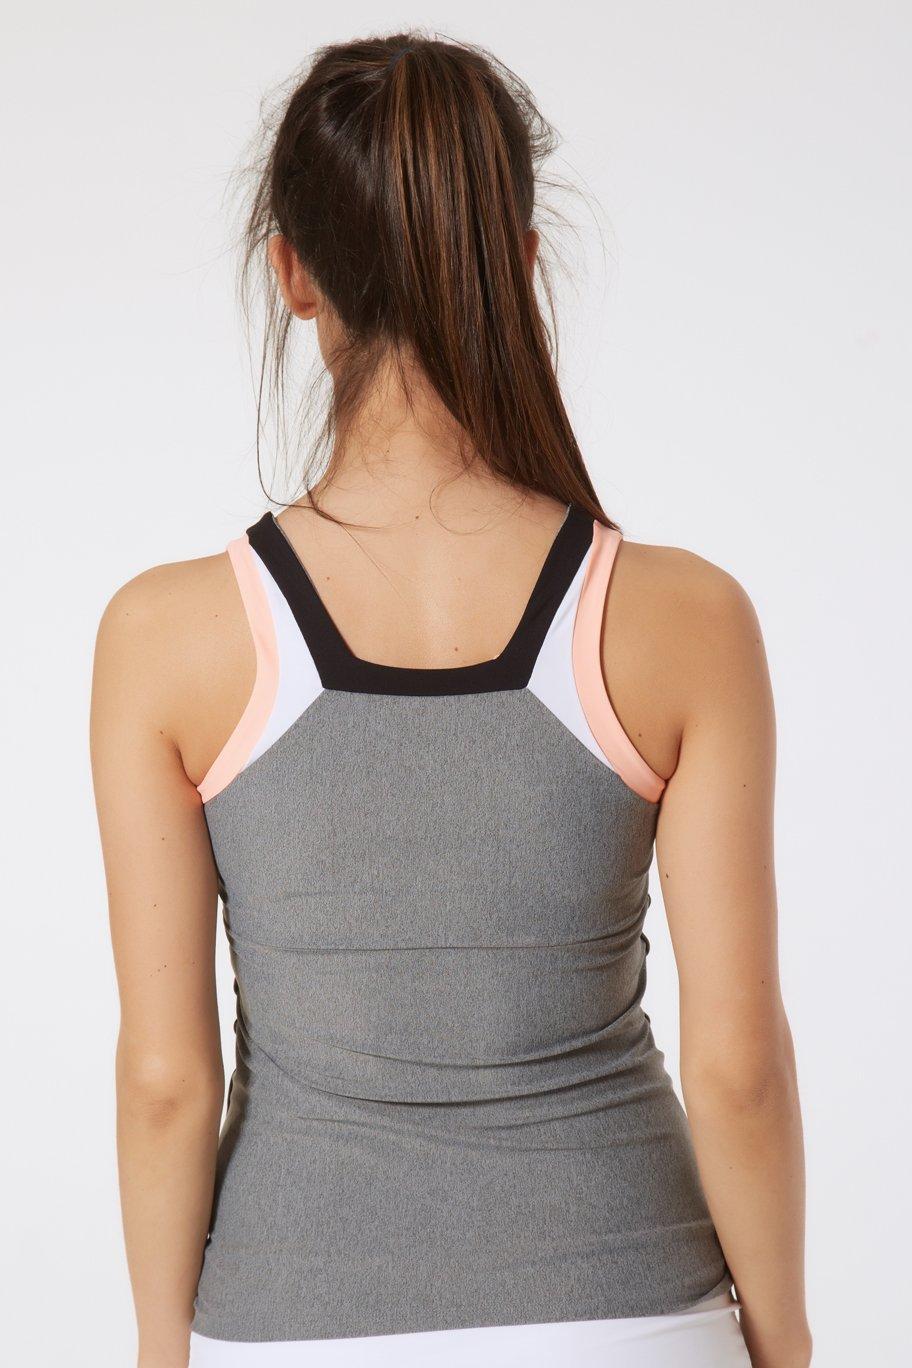 Naffta Tenis Padel Camiseta Tirantes, Mujer, Gris Medio/Negro, M: Amazon.es: Deportes y aire libre